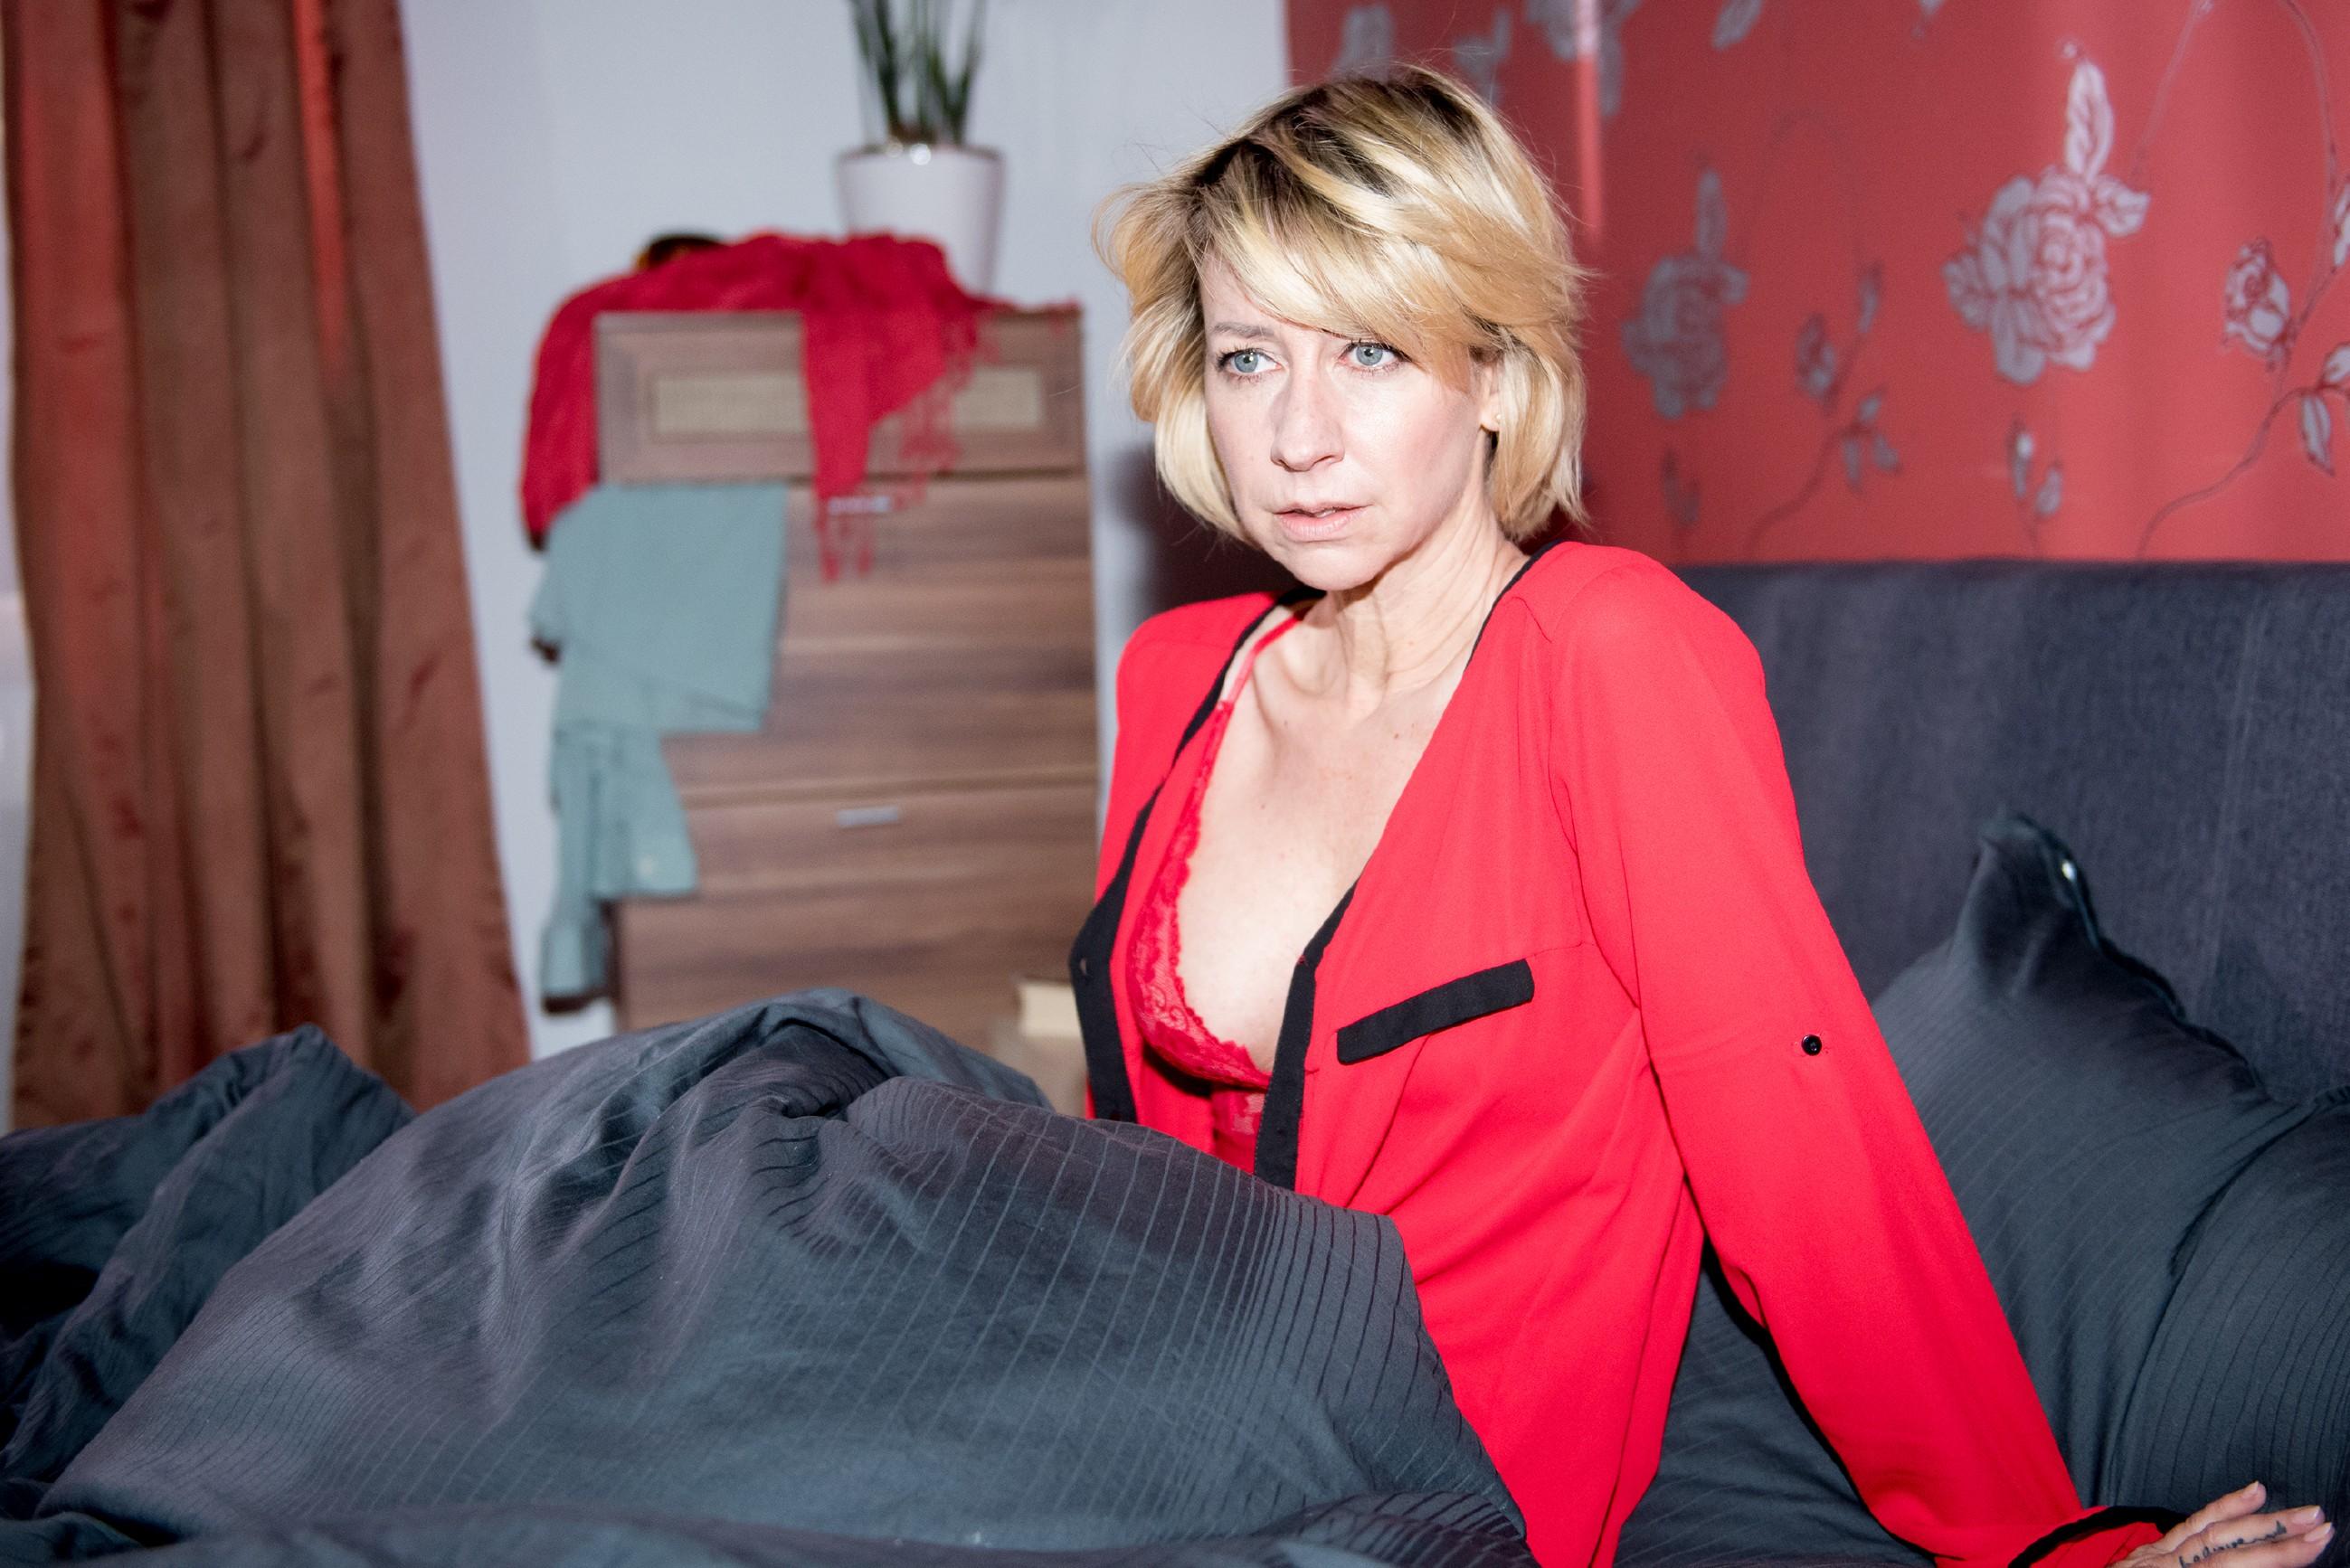 Ute (Isabell Hertel) wacht orientierungslos in ihrem Bett auf und befürchtet schon das Schlimmste... (Quelle: RTL / Stefan Behrens)